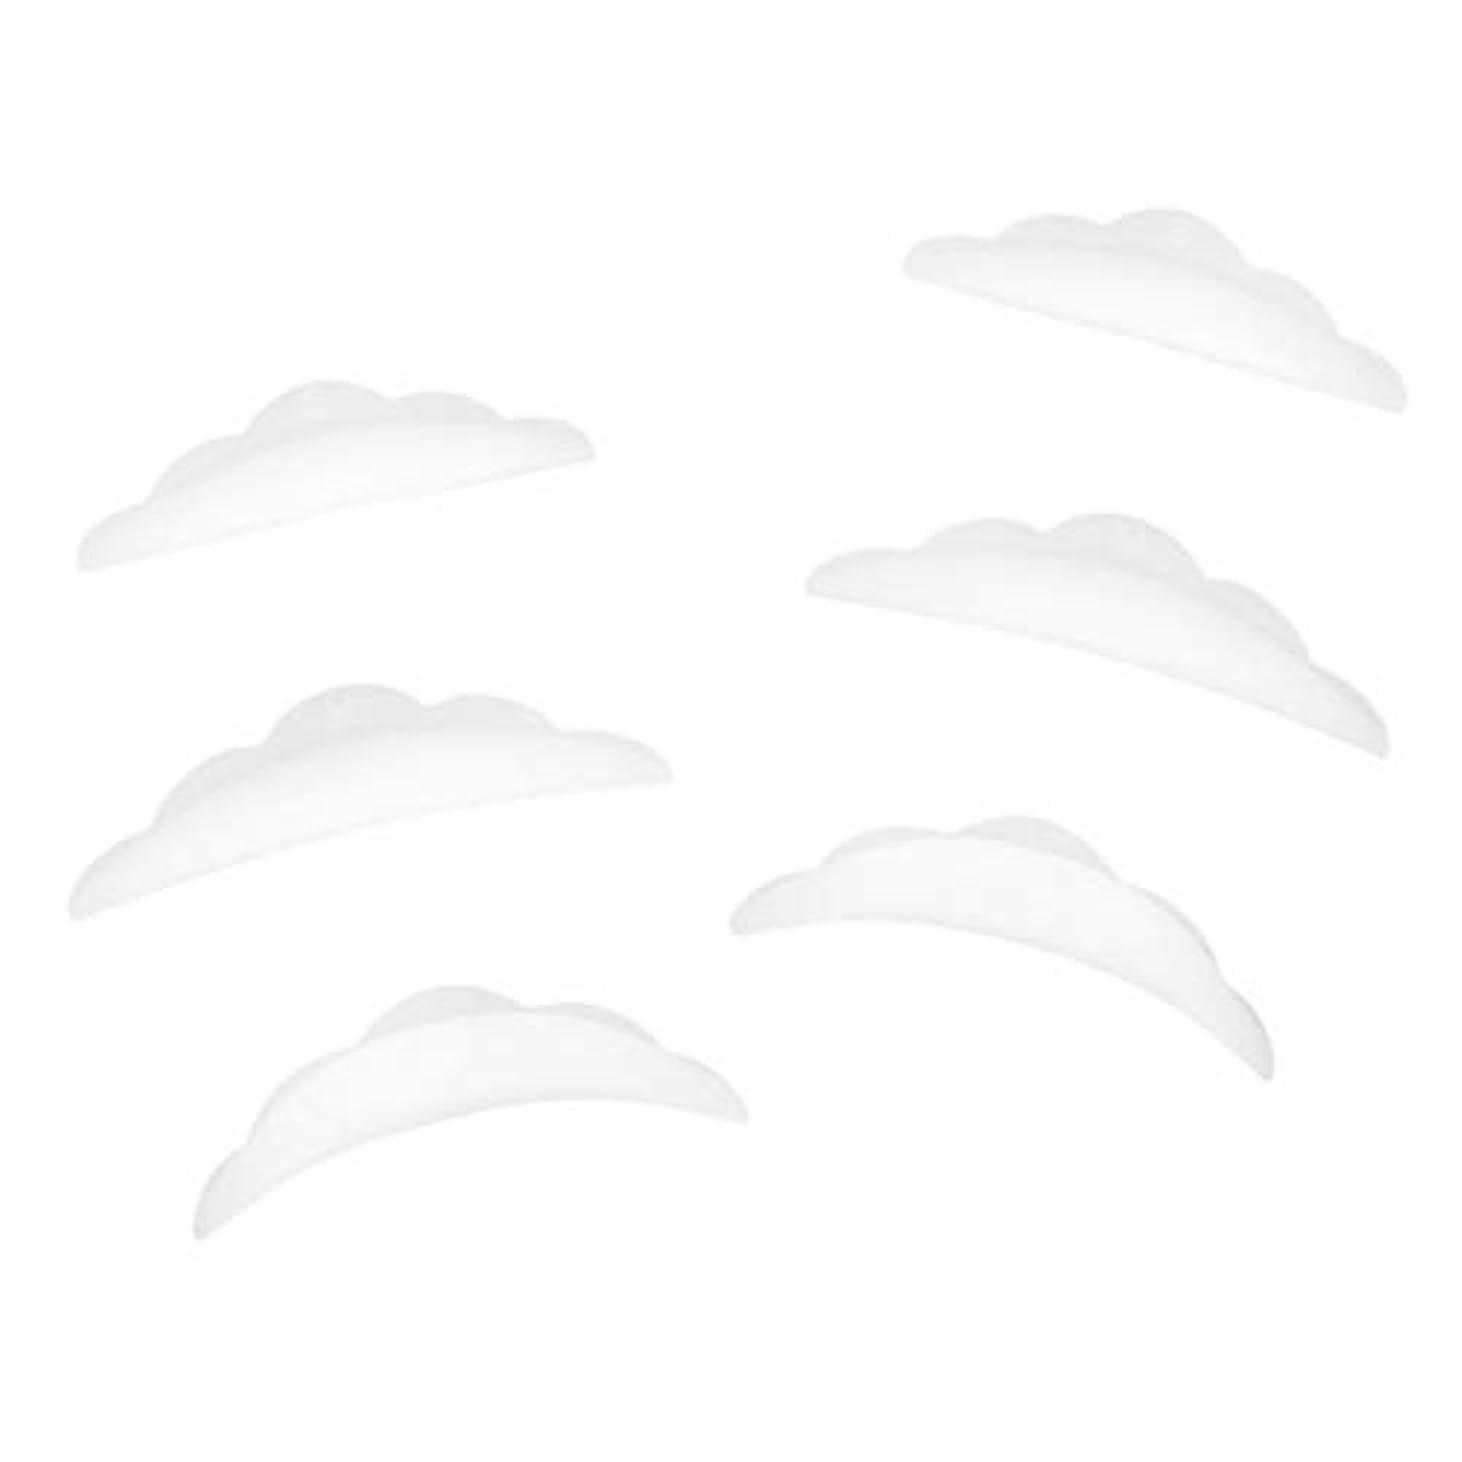 卒業エトナ山鎮痛剤3ペア ラッシュリフトパーマ カーラーパッド 再利用可 柔らかい シリコン 快適